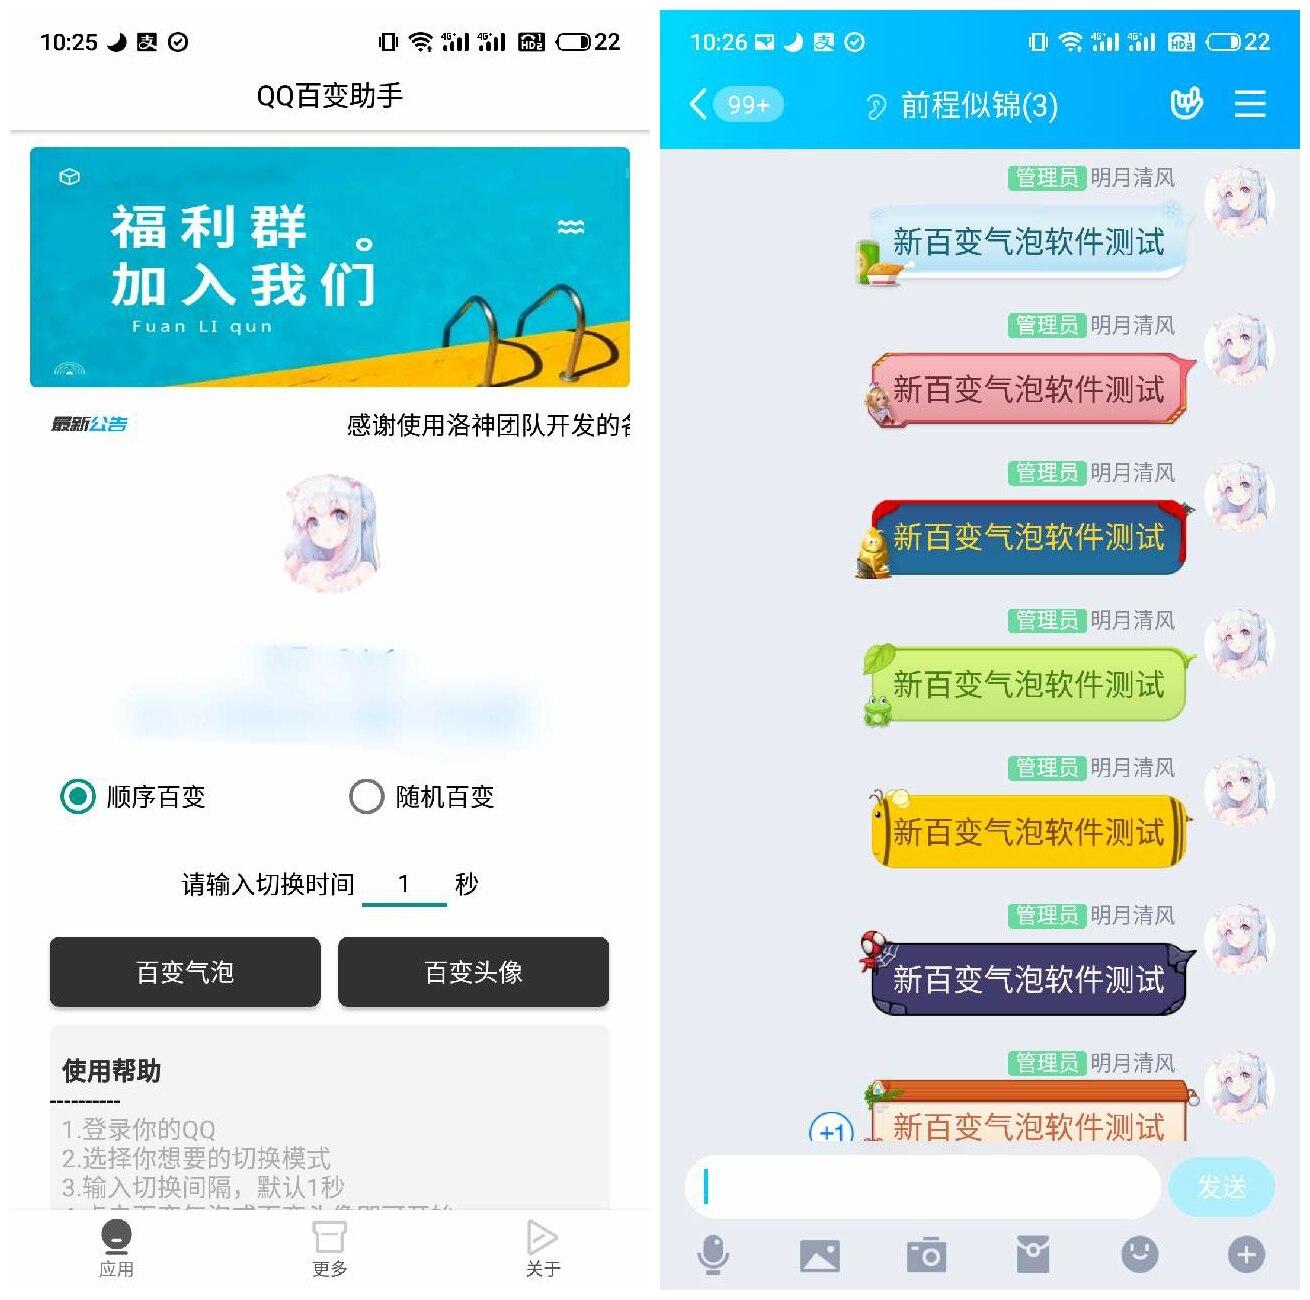 新QQ百变气泡助手 不需要会员也可以使用!